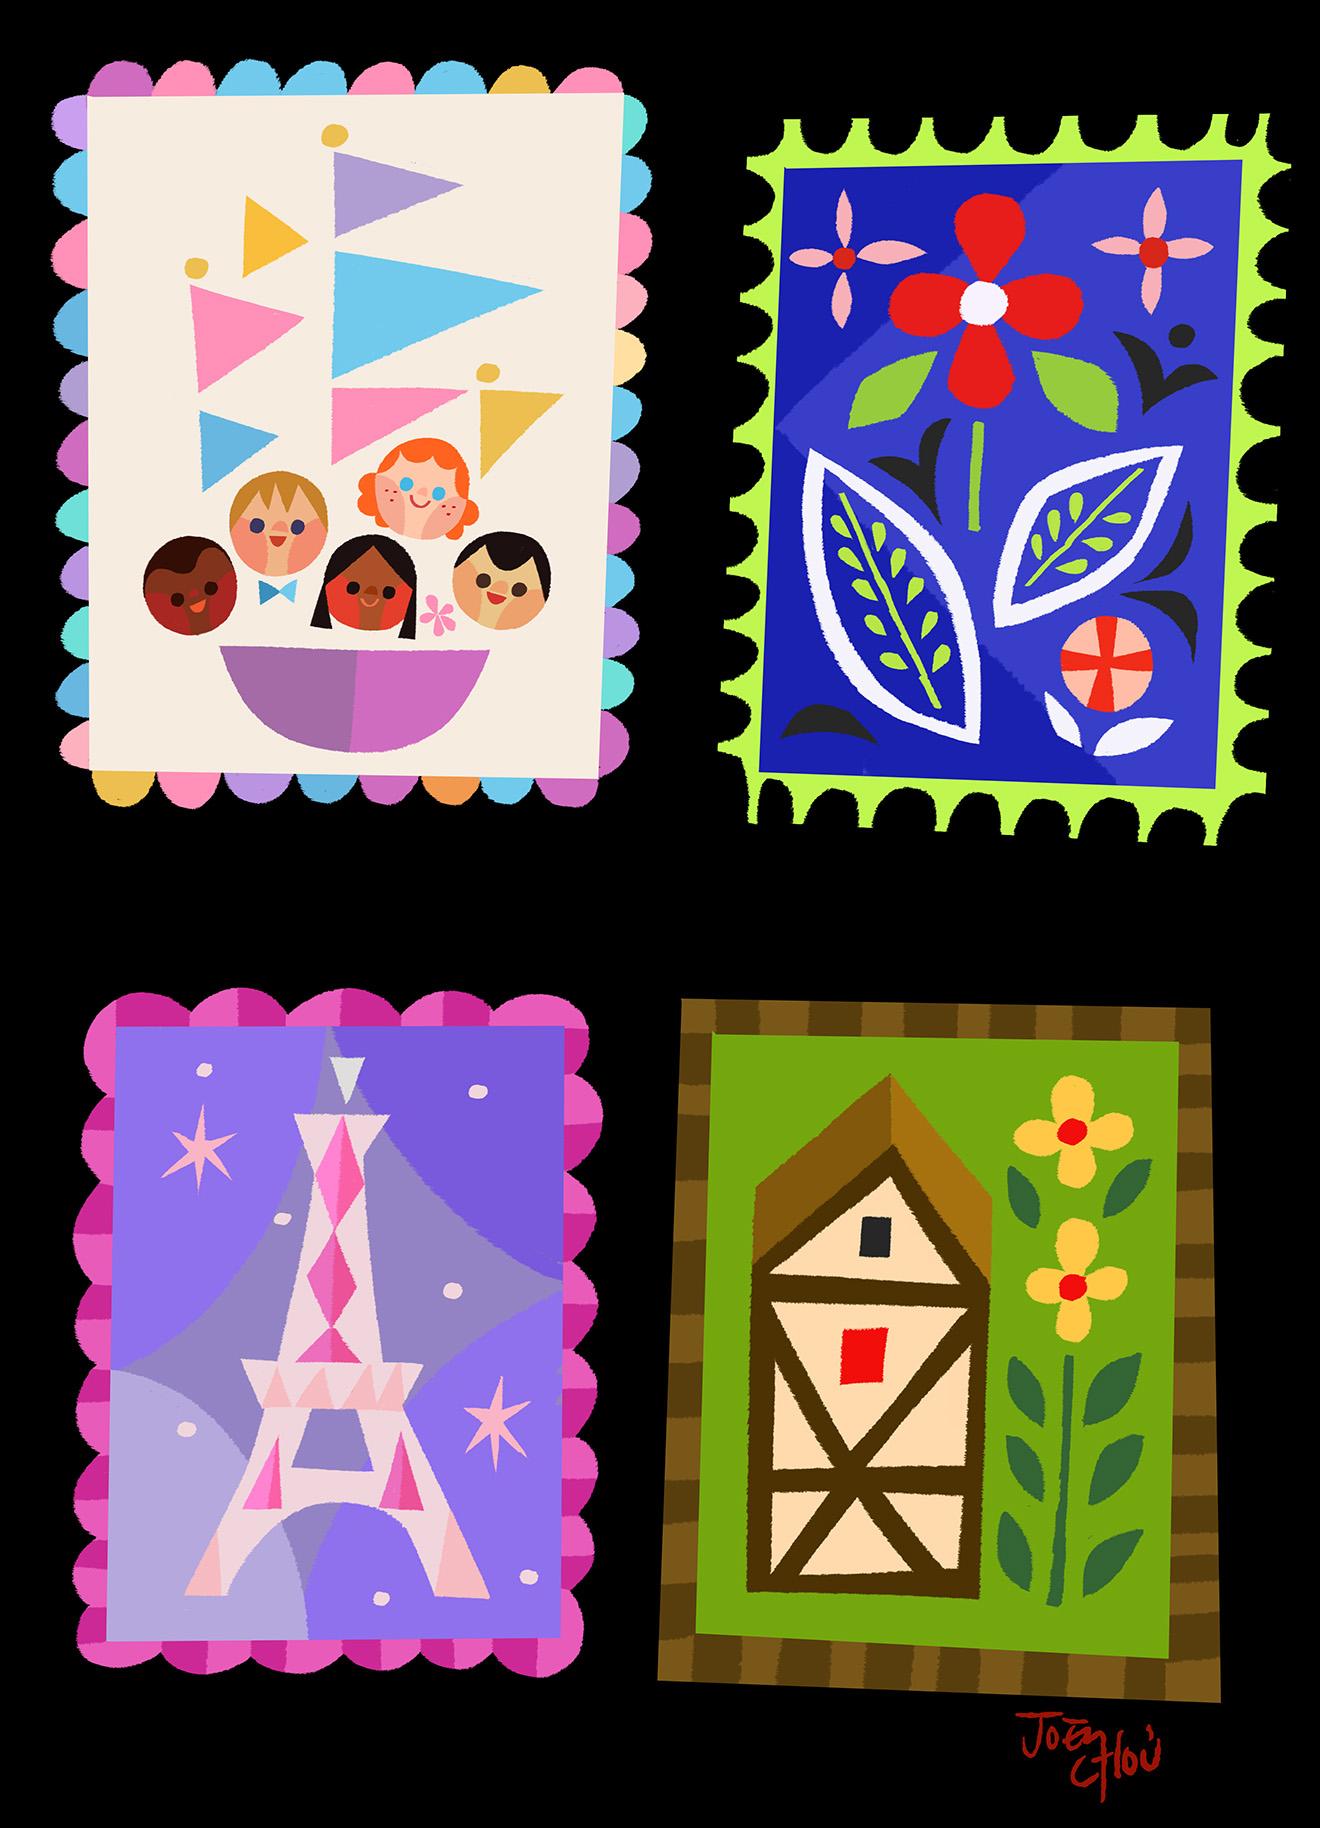 stamps1_jchou_web.jpg